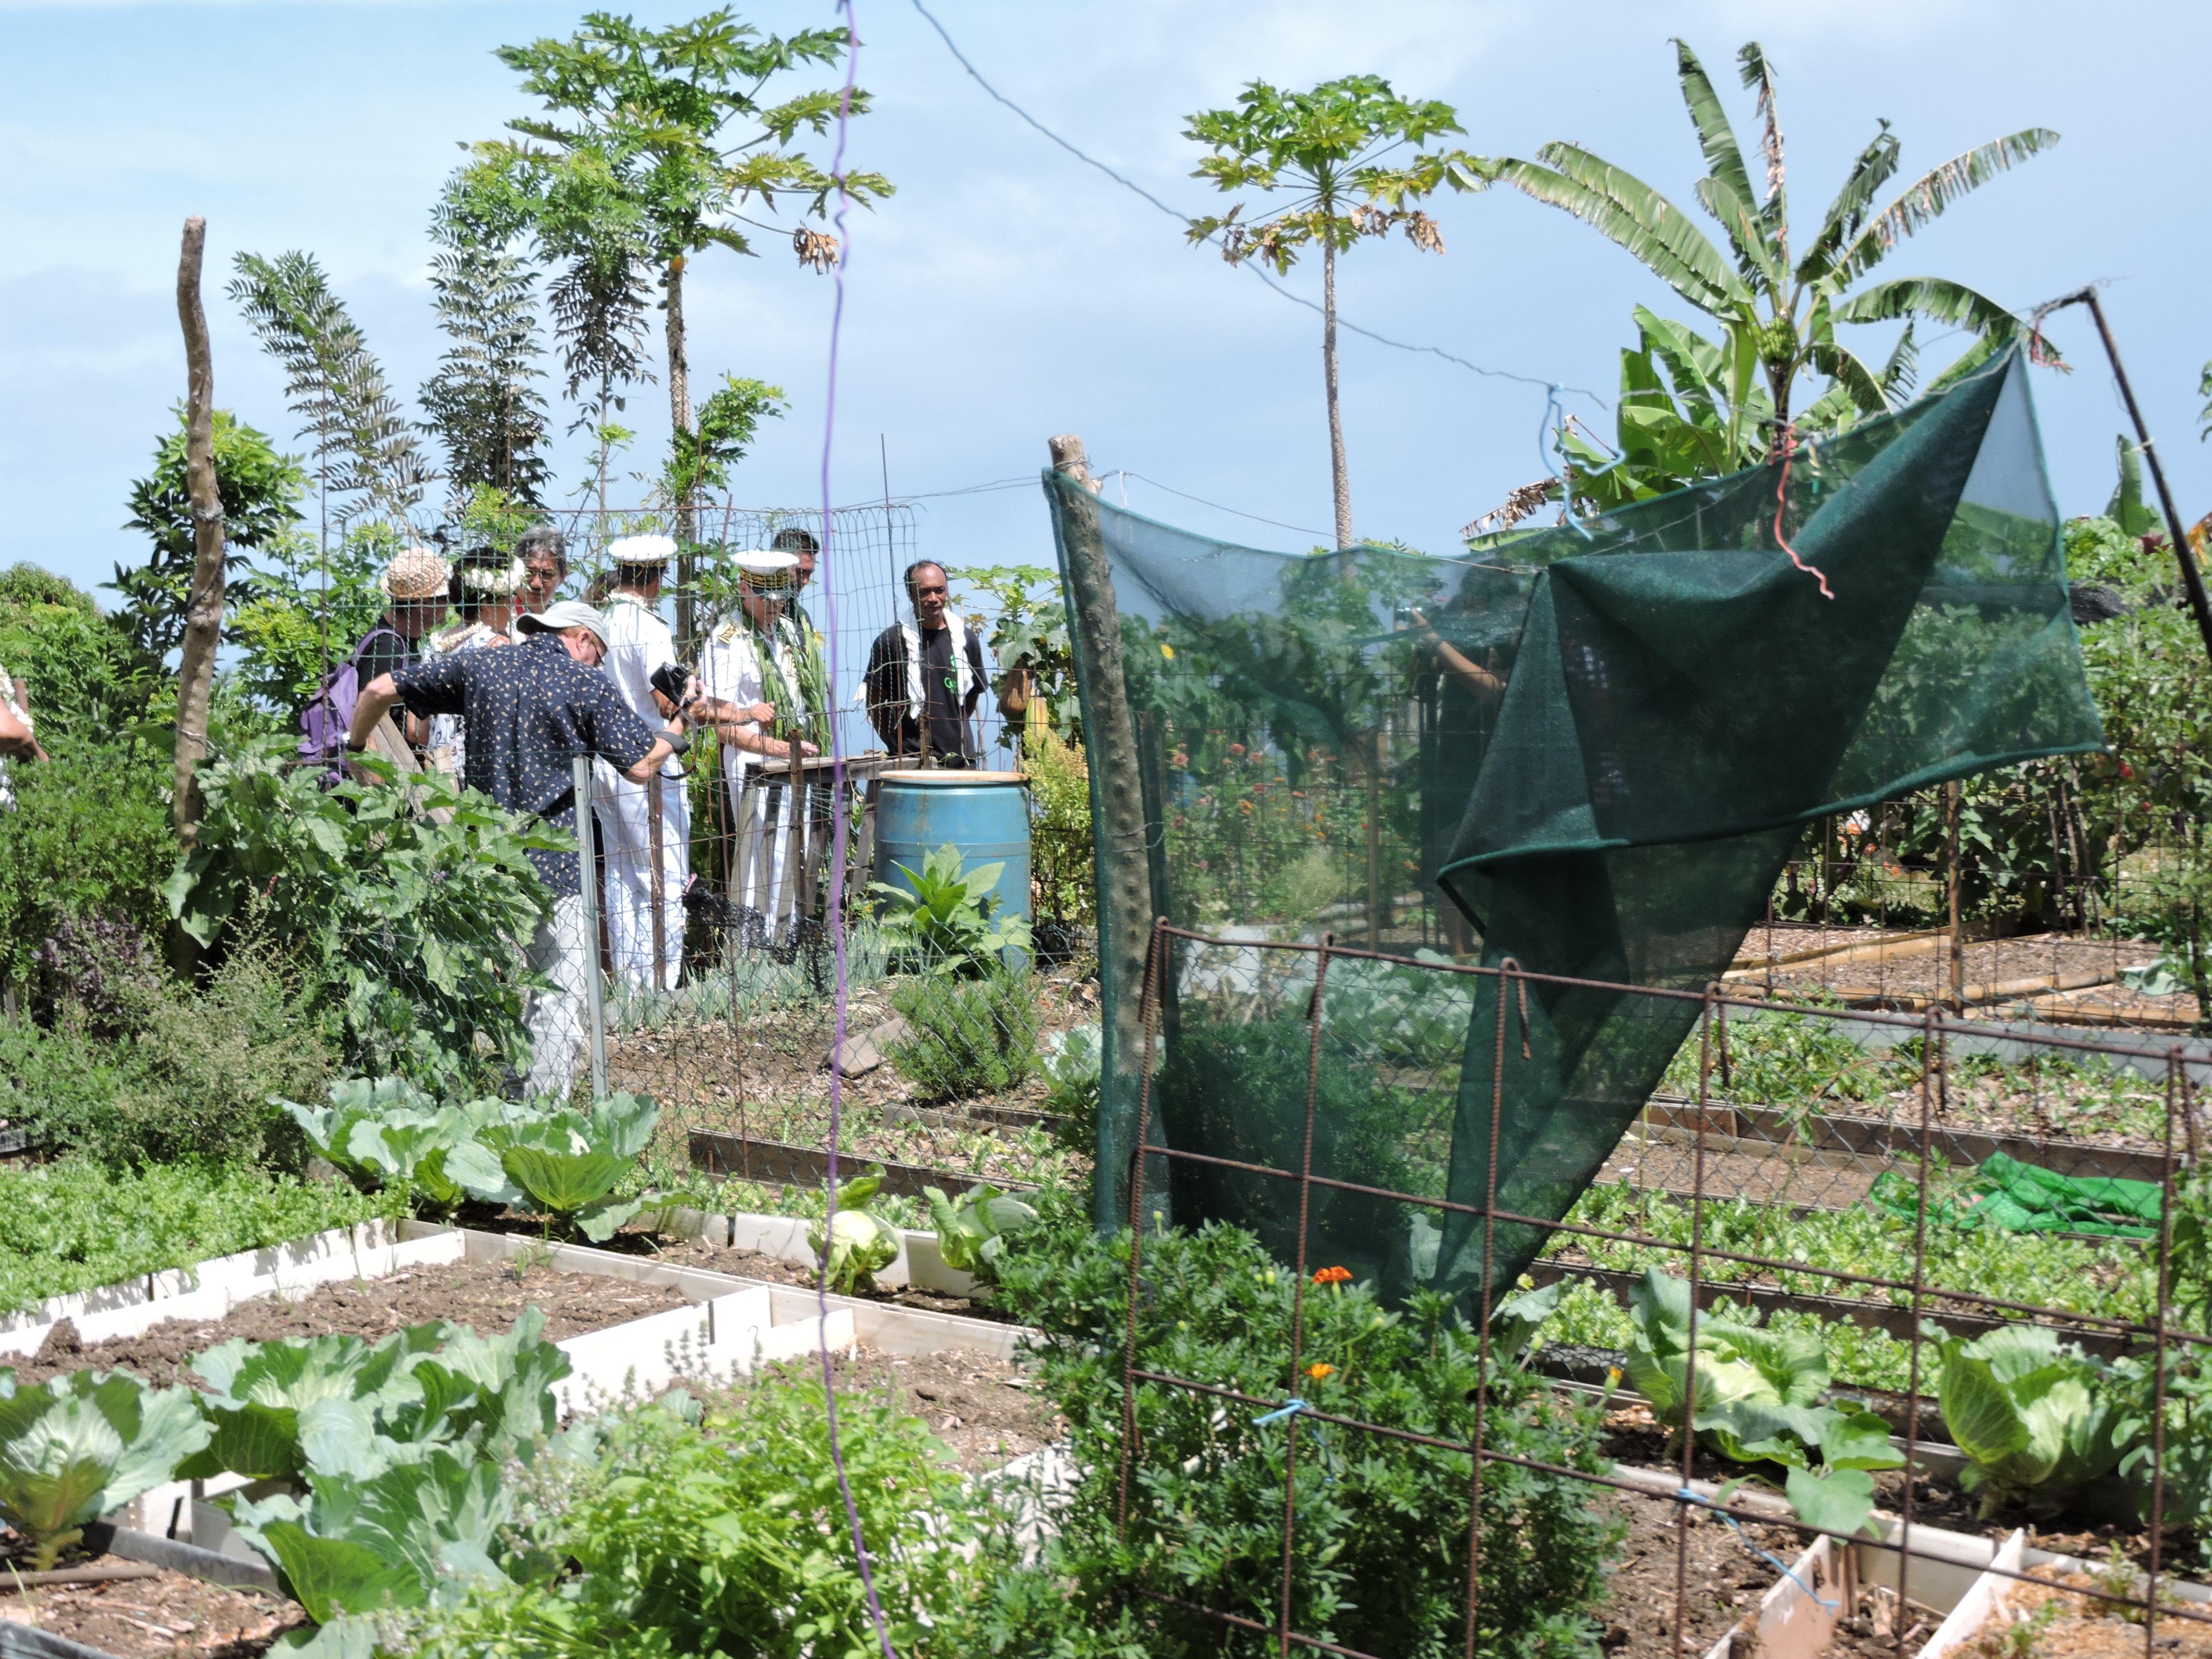 Le jardin partagé situé à côté du CJA de Erima est géré par sept familles. La commune de Arue envisage d'ouvrir un dispositif similaire l'an prochain juste au-dessus du cimetière. Les terrains seront mis à disposition de familles vivant dans les lotissements sociaux.